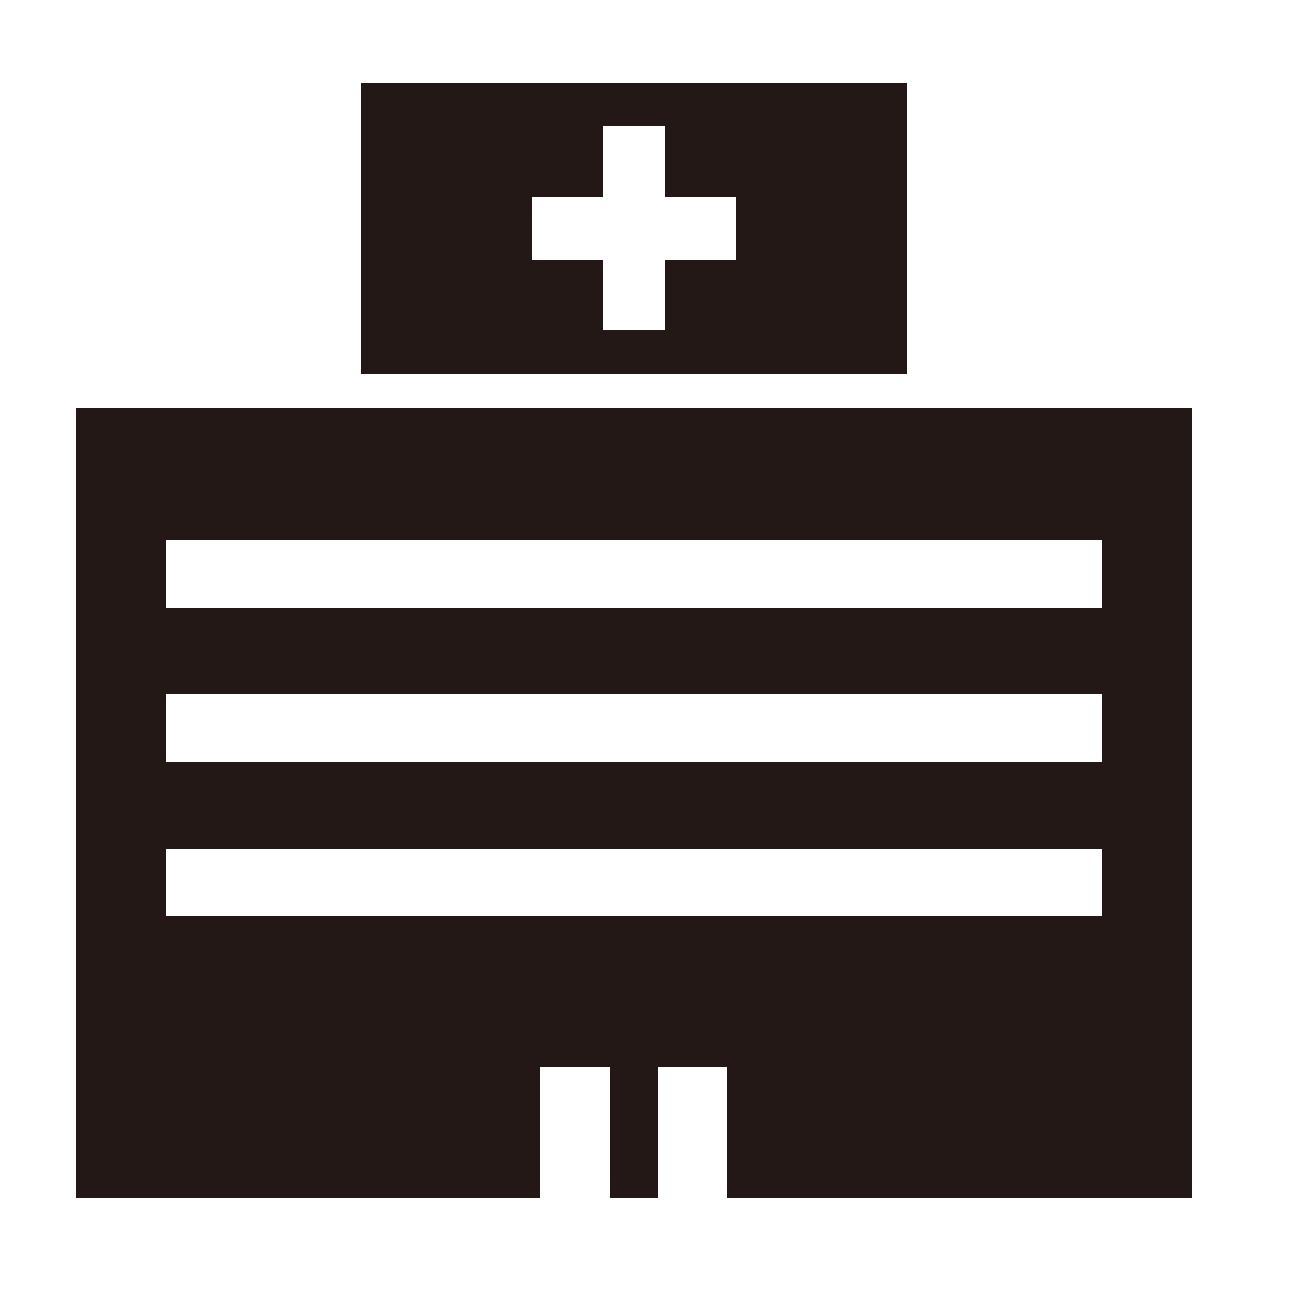 余命半年宣告から128日目 ためちゃん救急車で運ばれ入院しました。